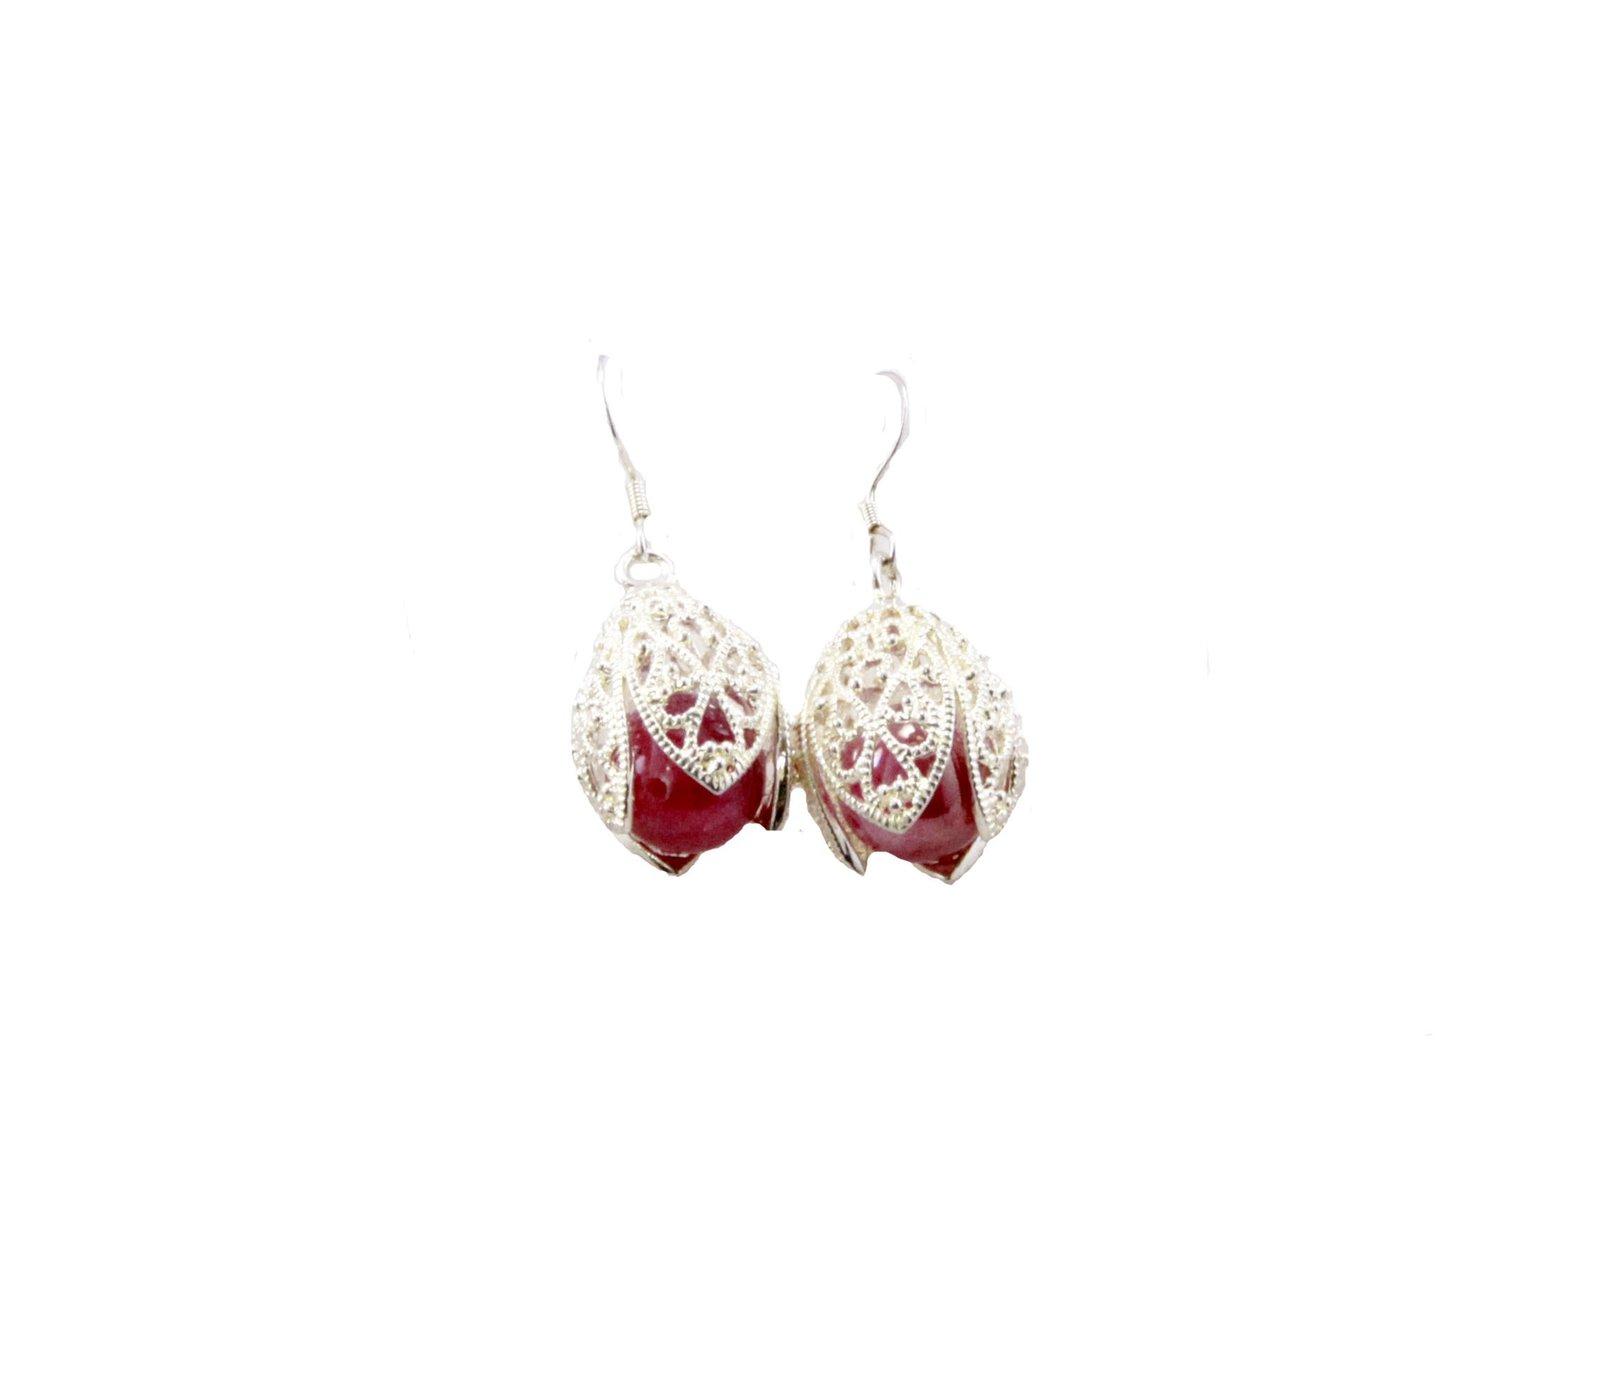 Pink Jade Earrings - $15.00